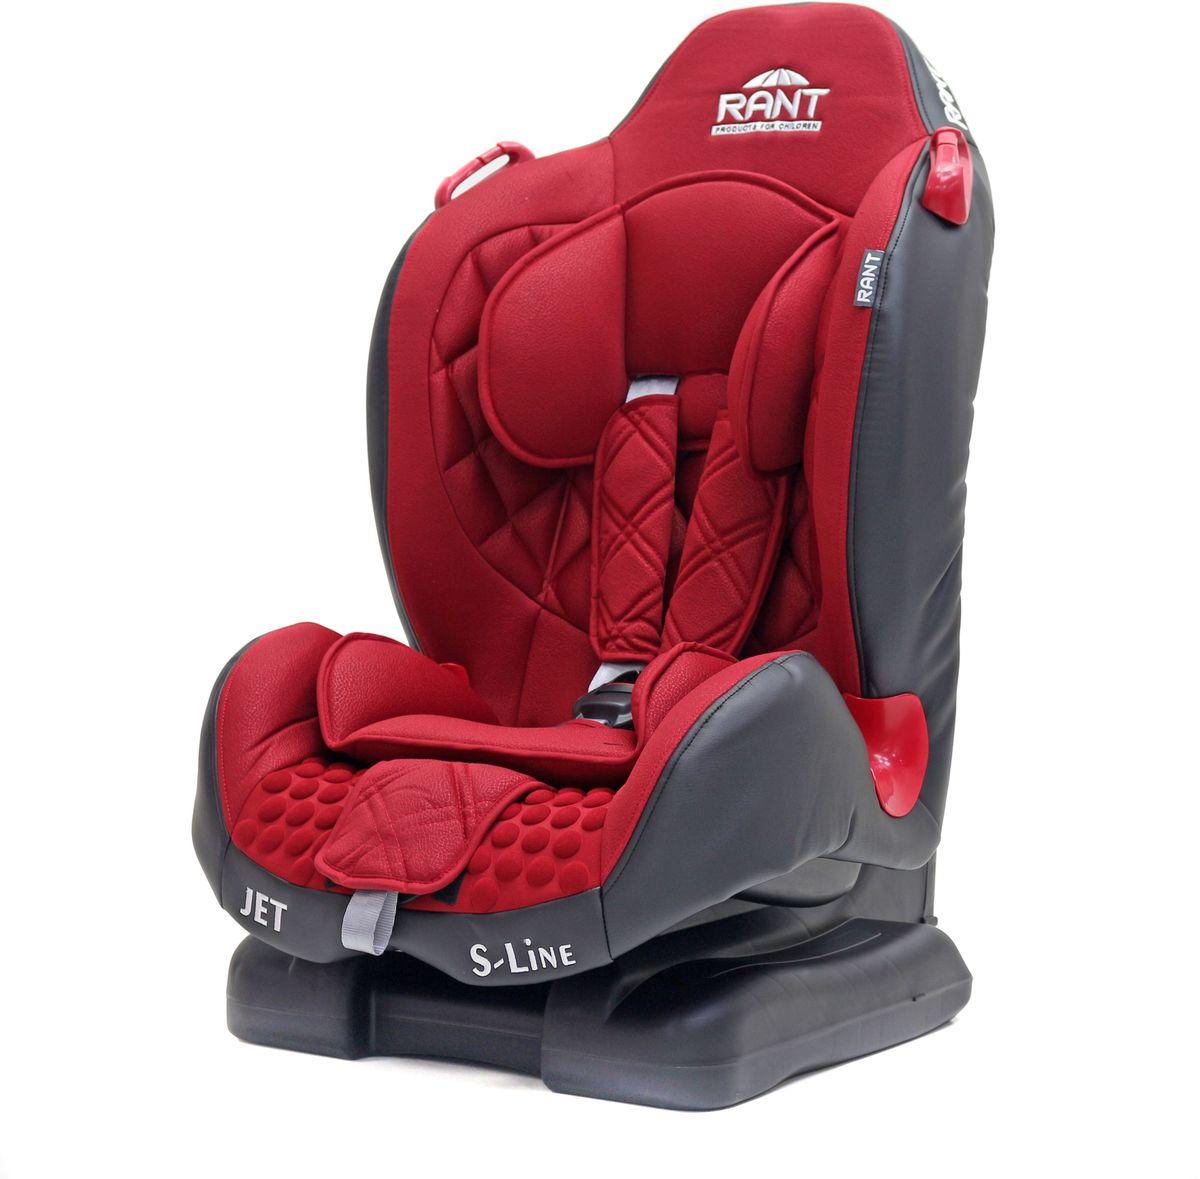 Rant Автокресло Jet цвет красный от 9 до 25 кг -  Автокресла и аксессуары